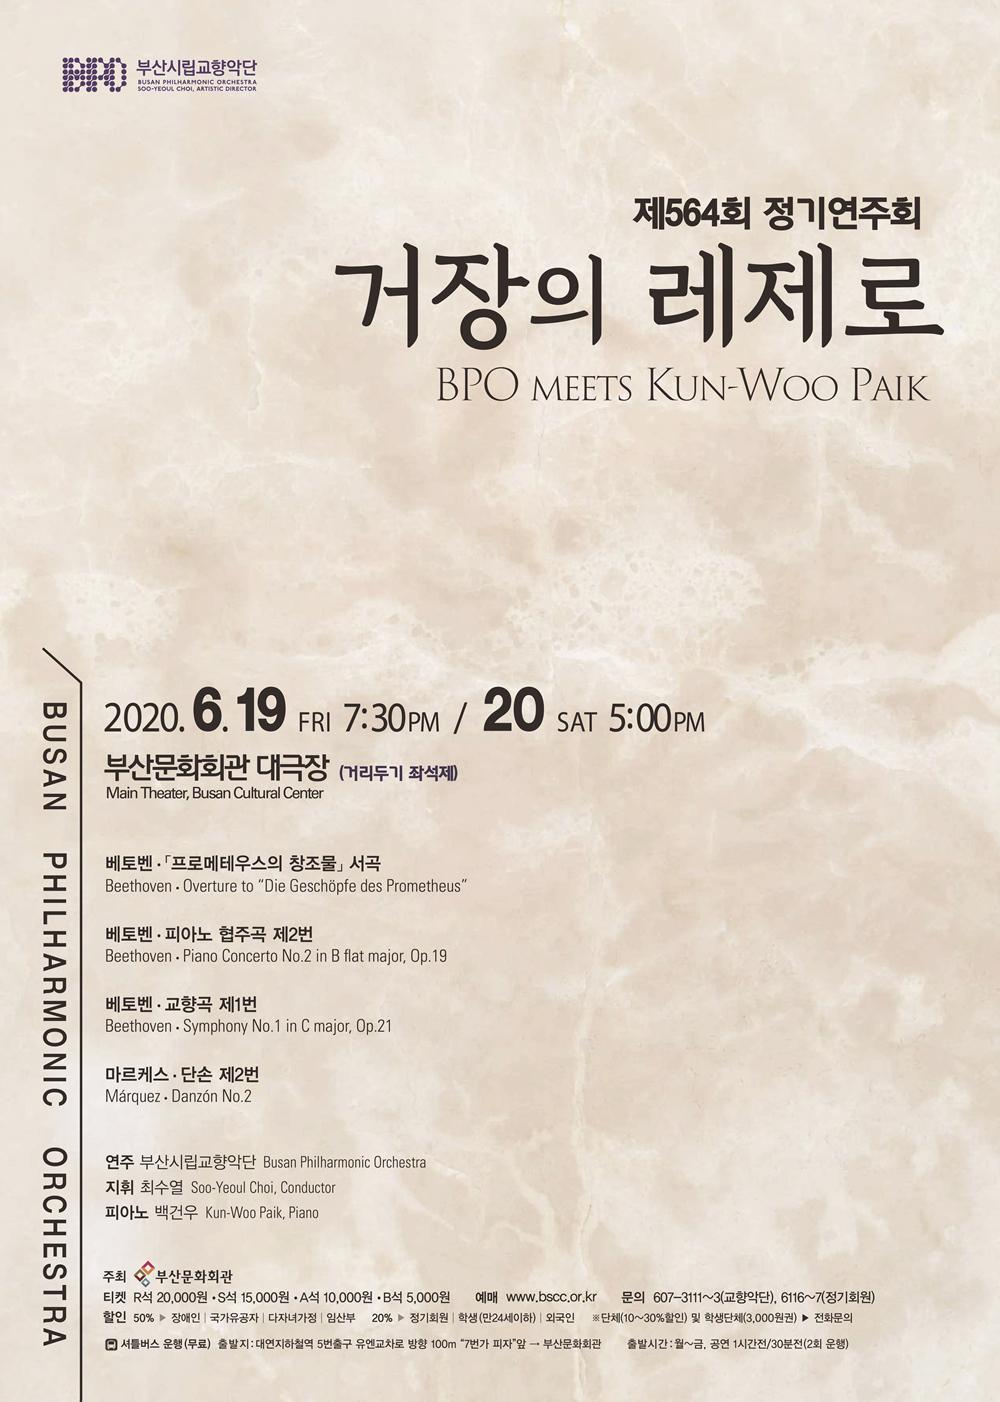 부산시립교향악단 제564회 정기연주회 ˝거장의 레제로˝